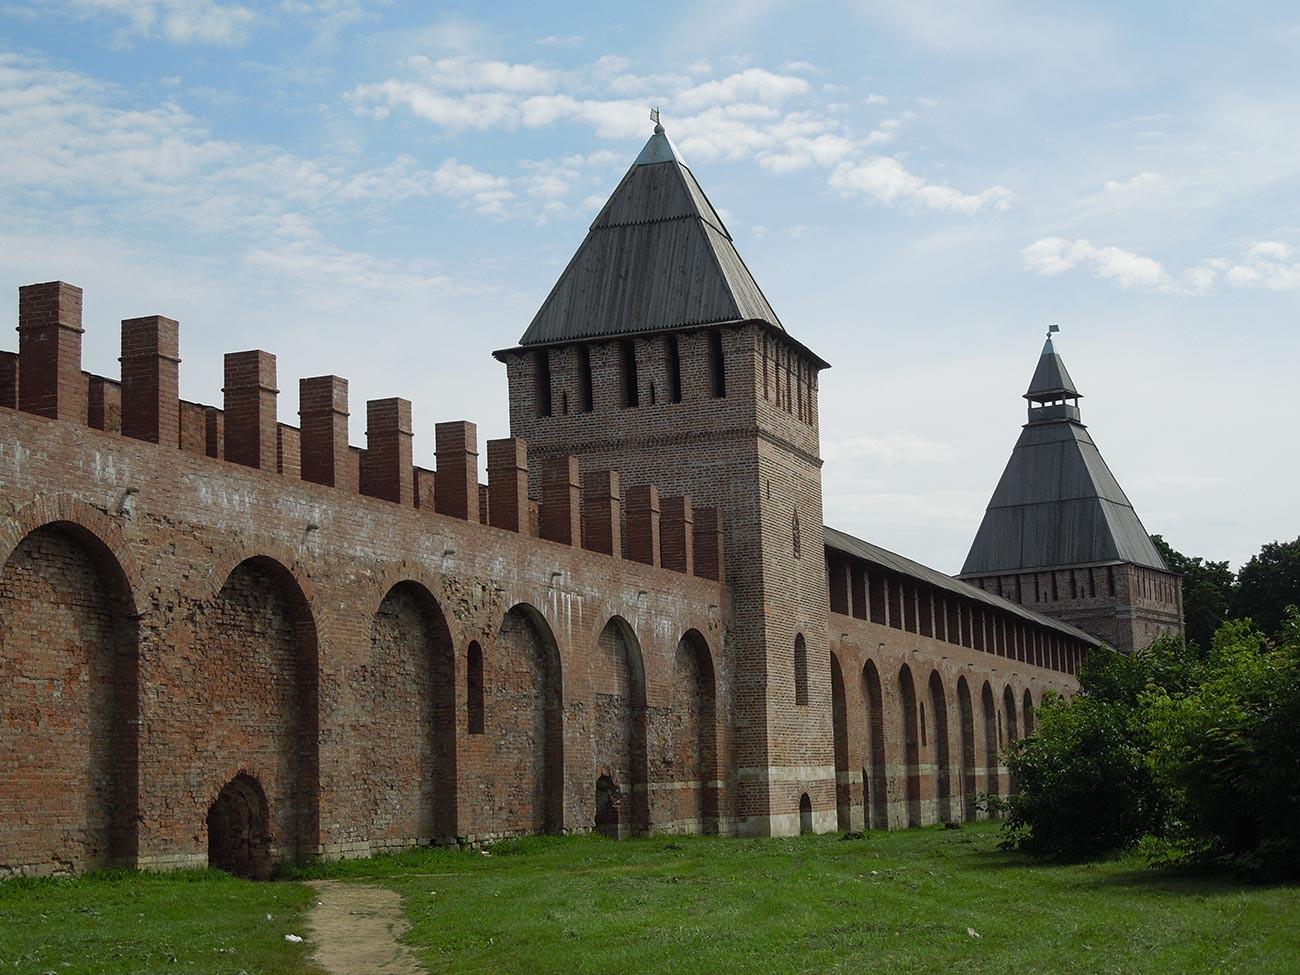 スモレンスクの城塞